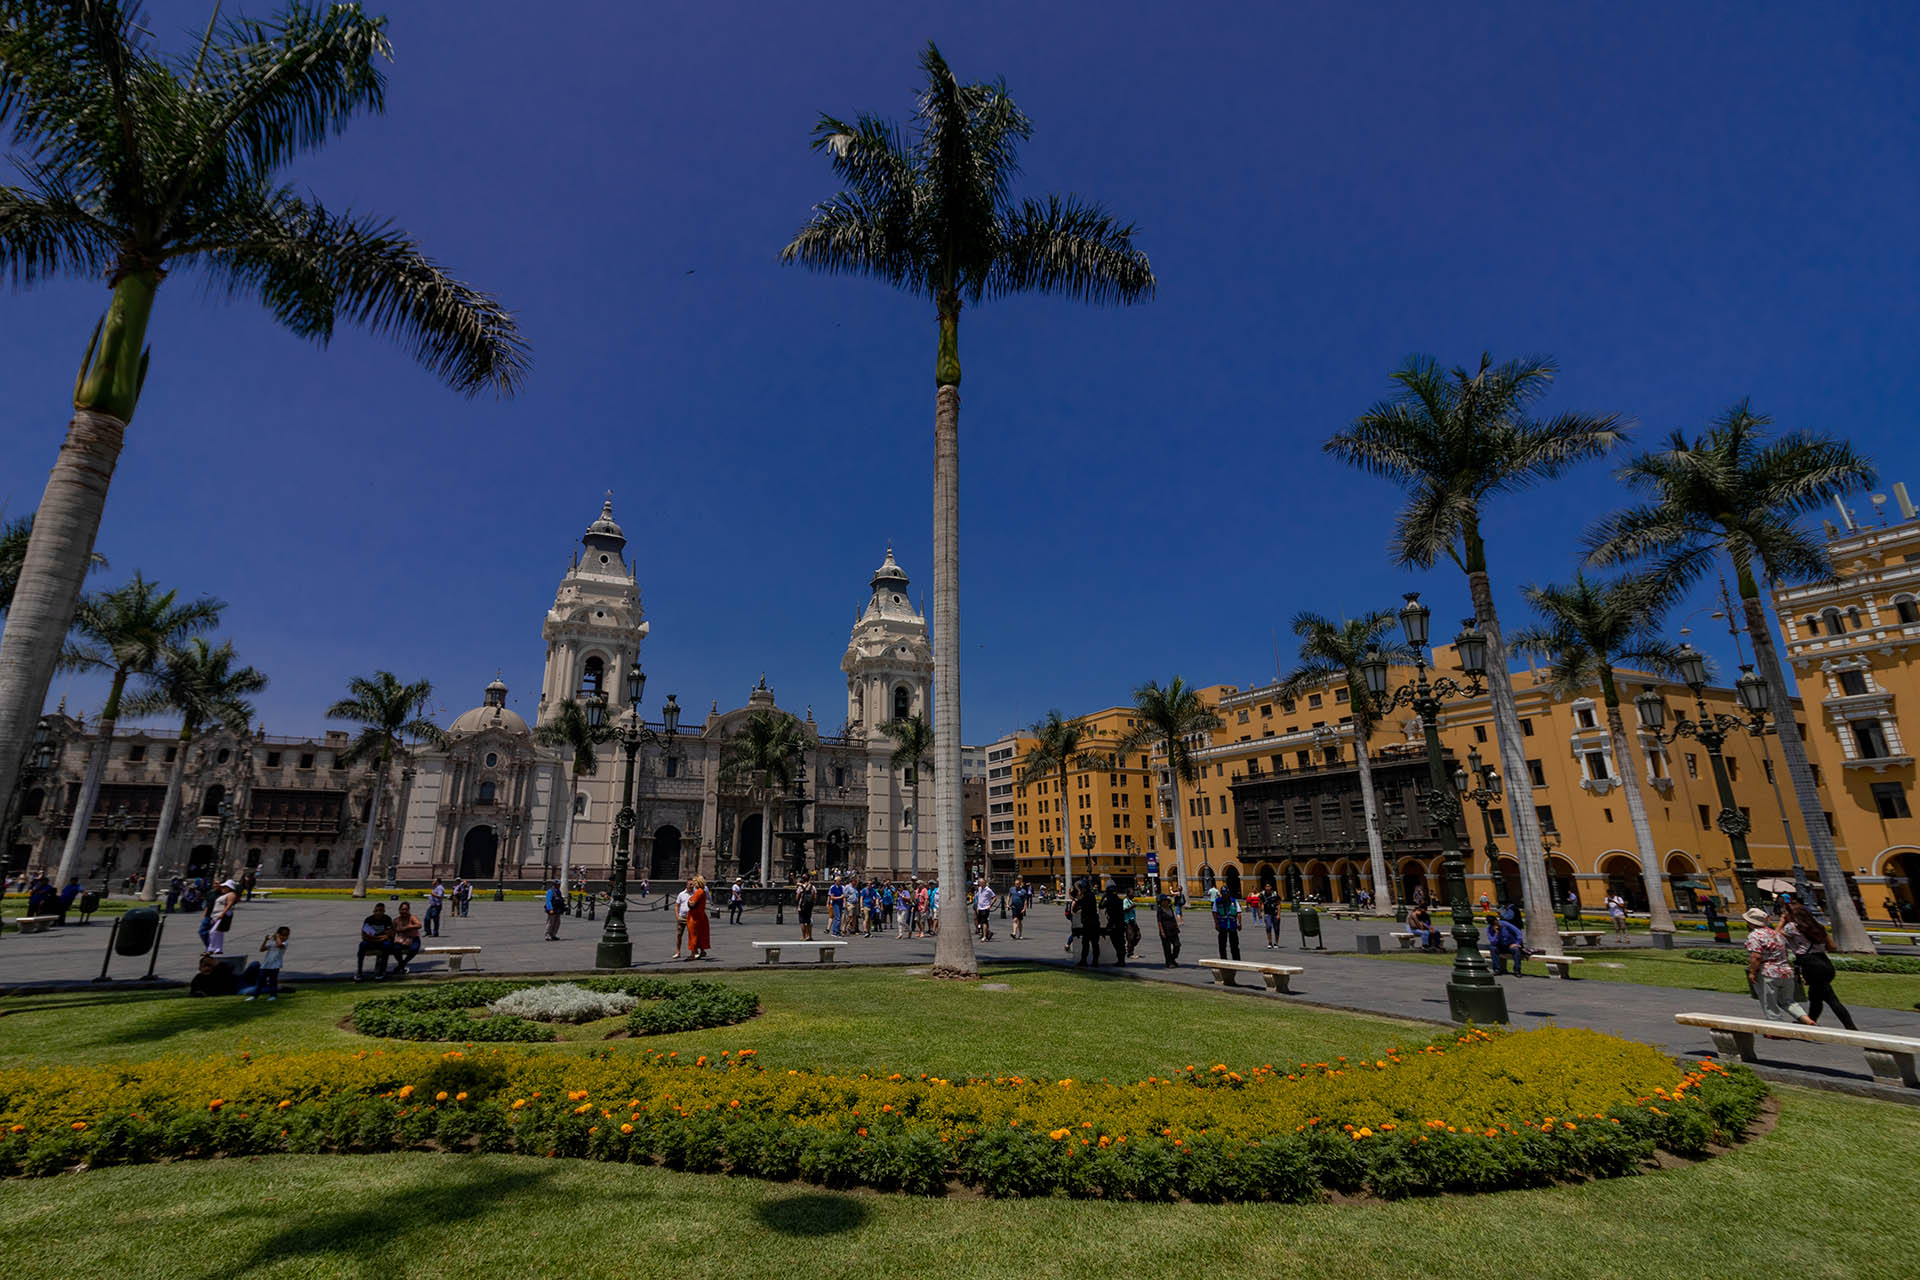 Plaza de Armas in Lima met de kathedraal, palmbomen en het kantoor van Caretas